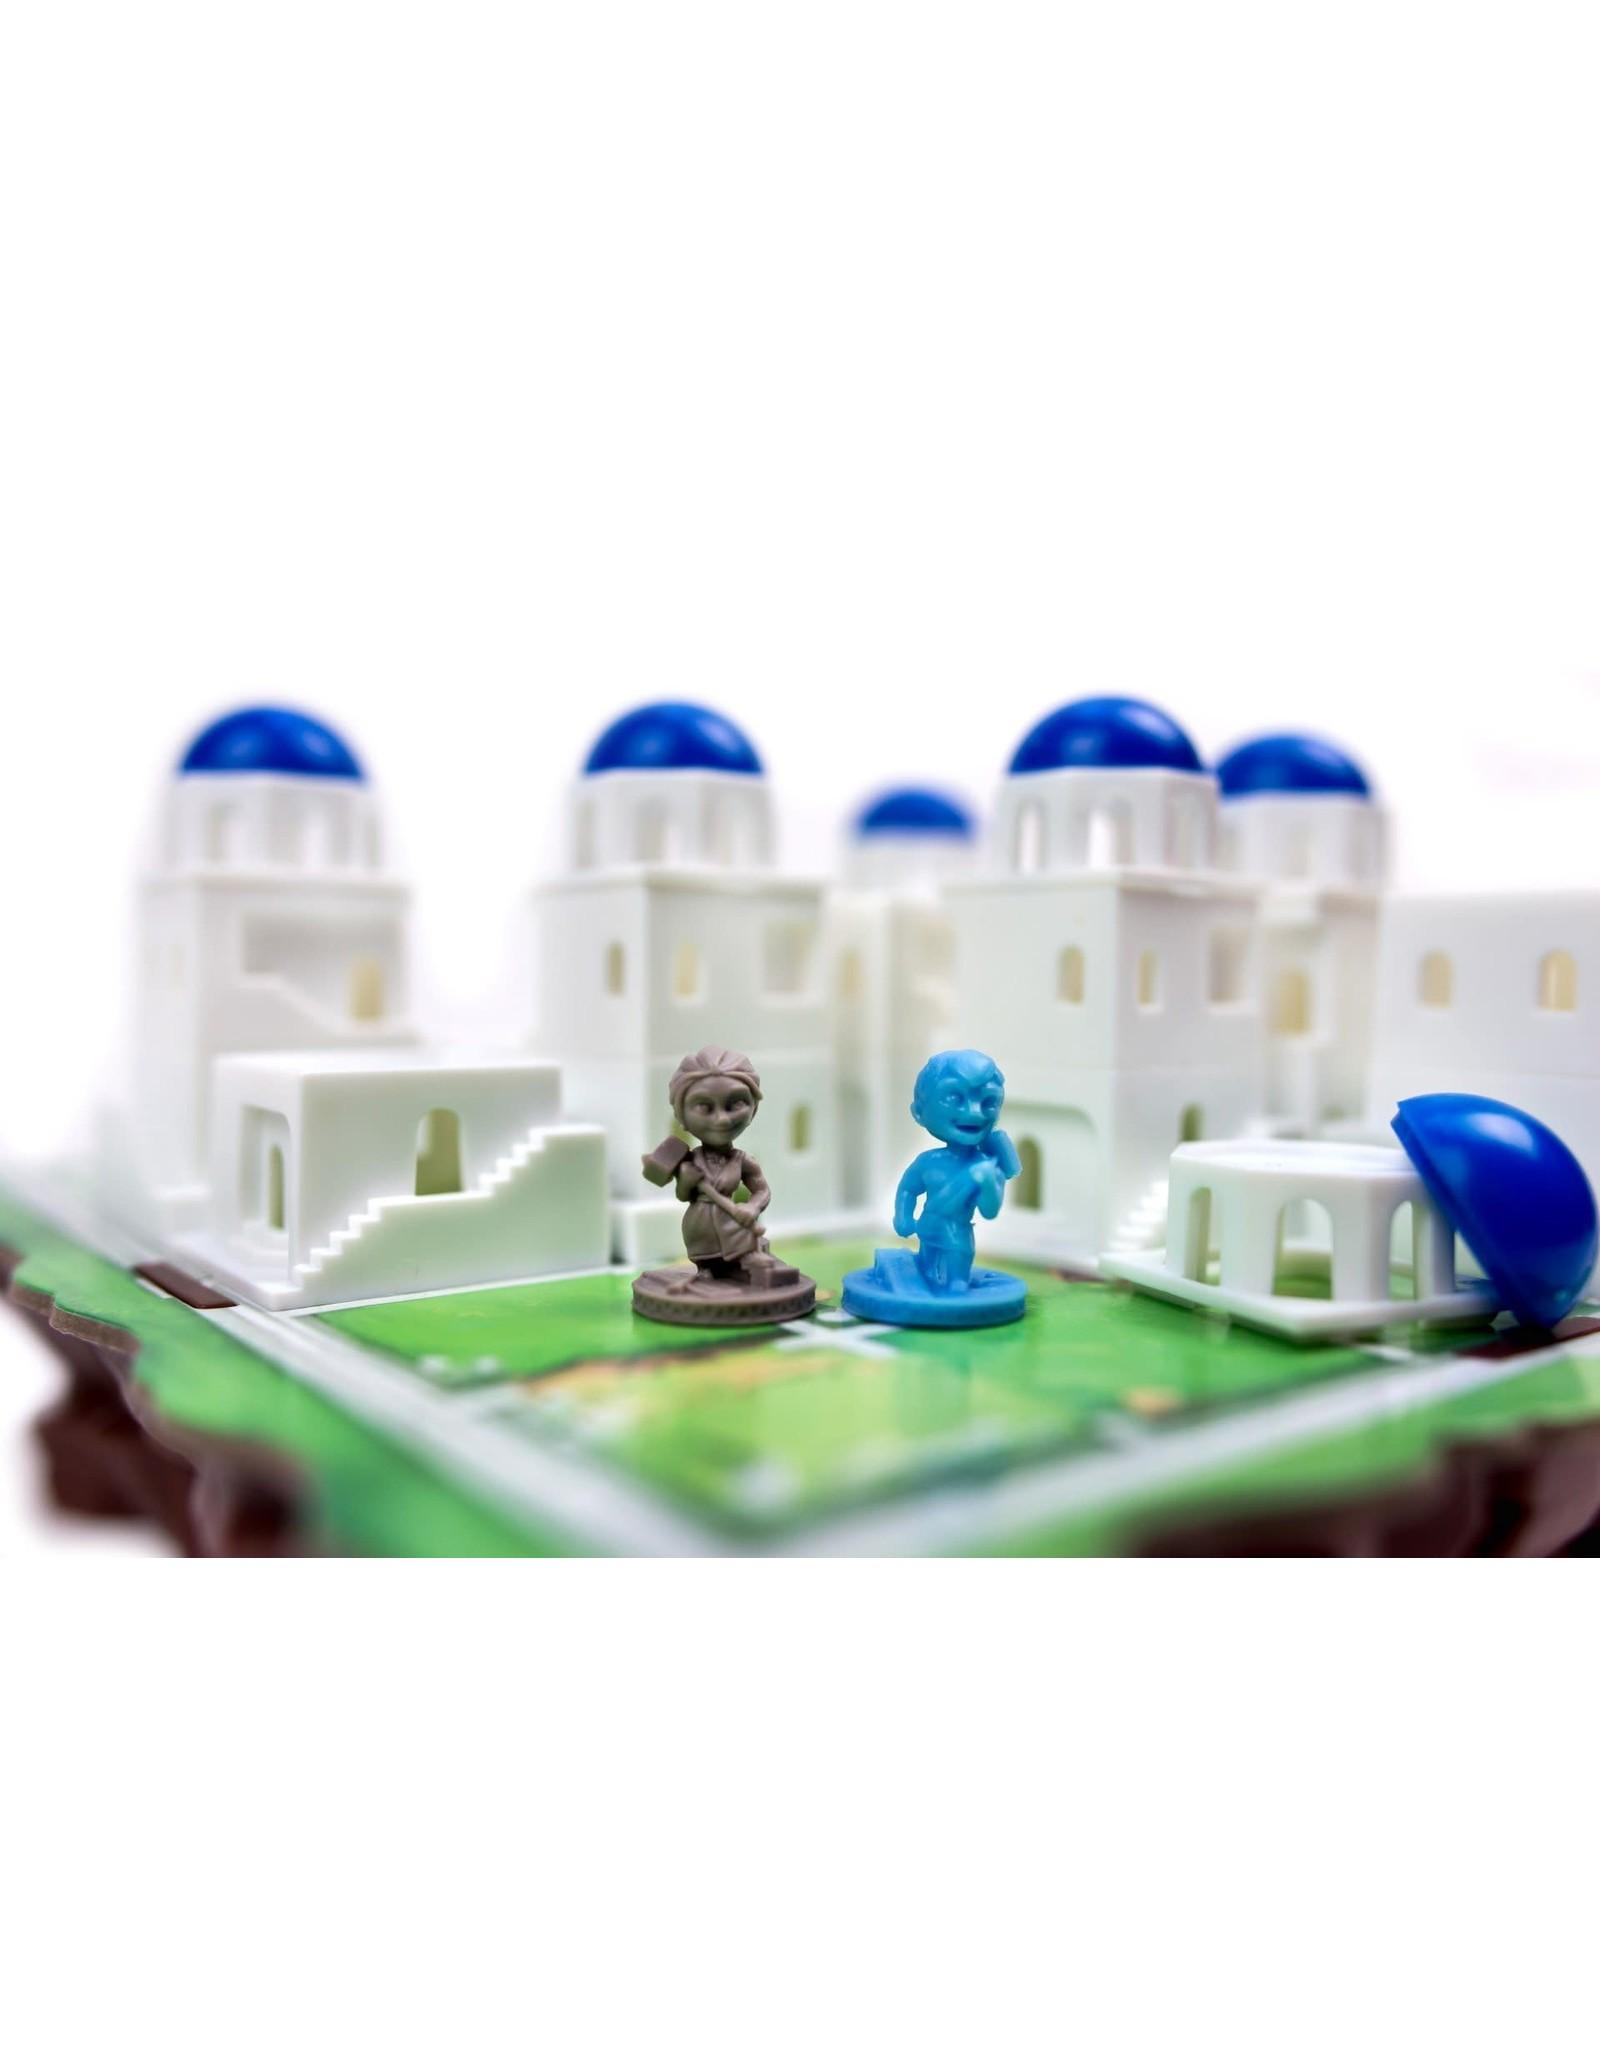 Roxley Games Santorini